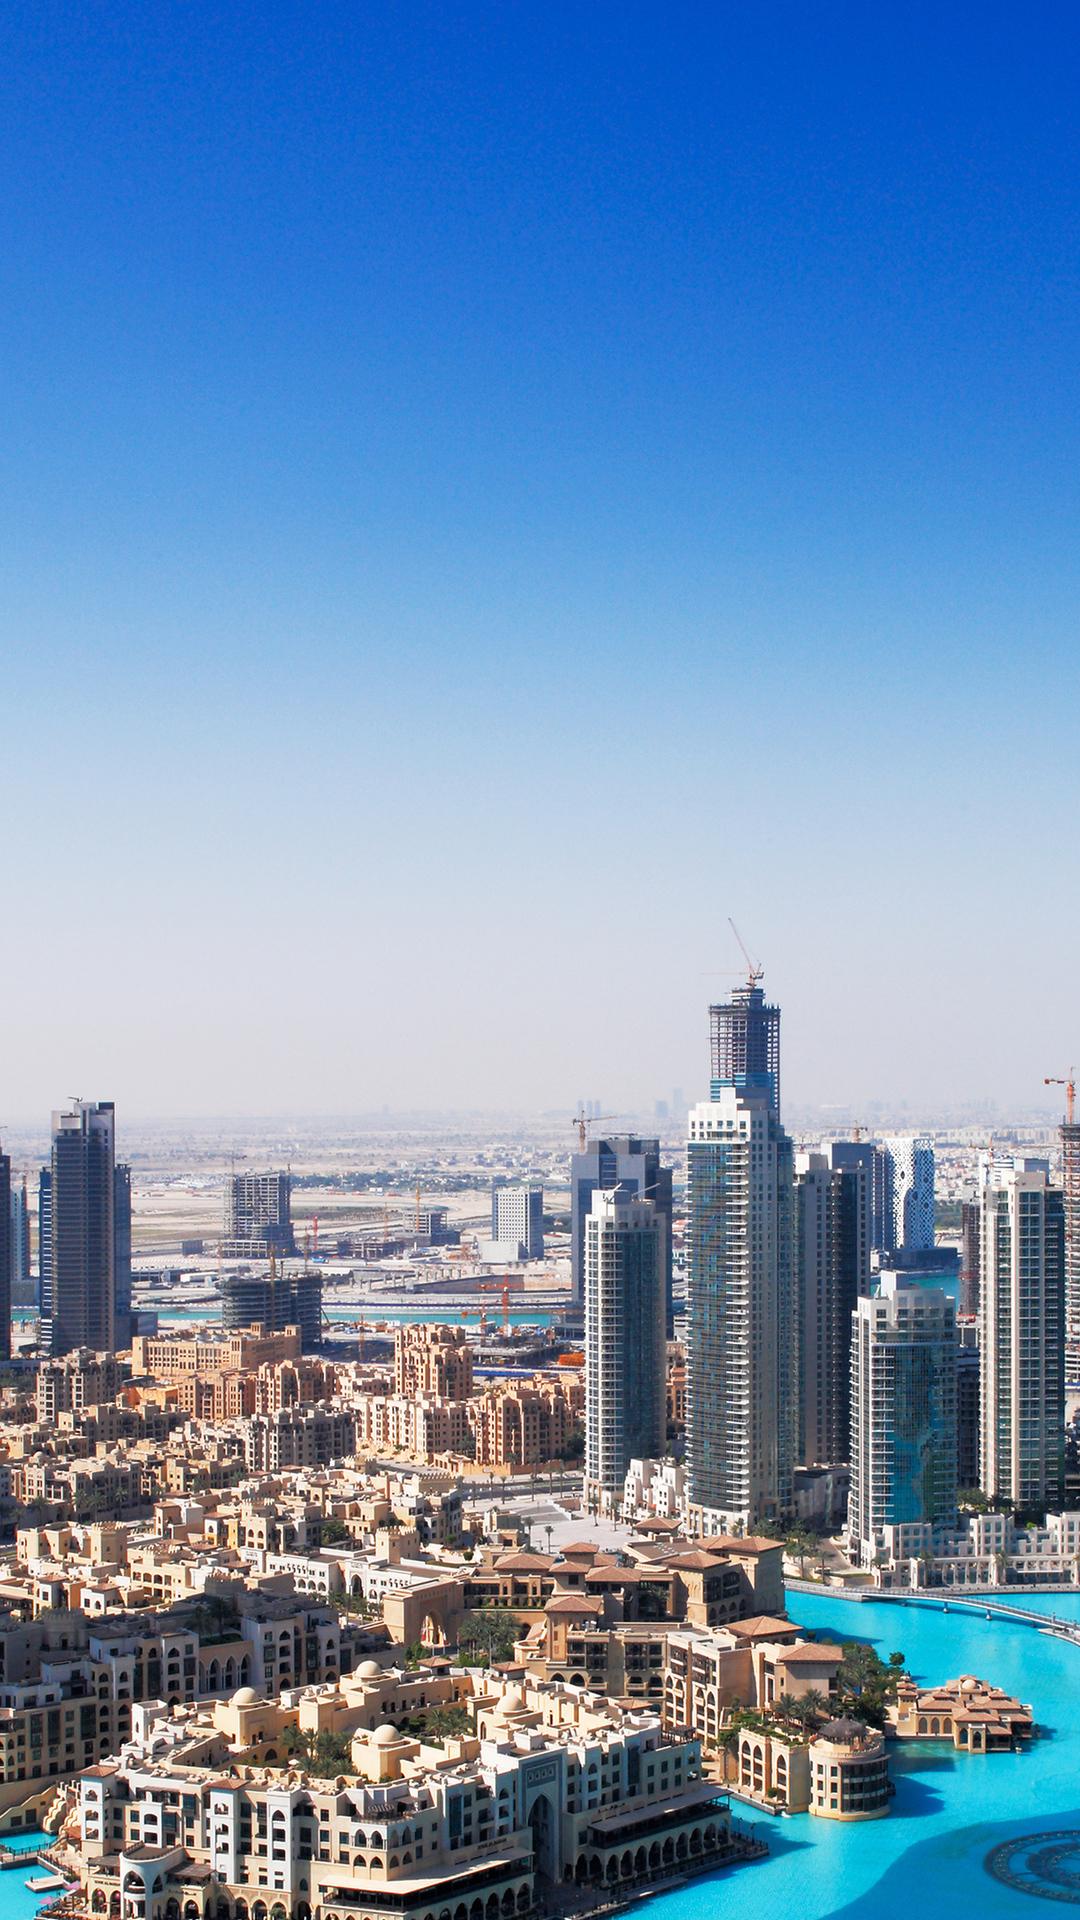 Dubai 4k Wallpaper Wallpapersafari